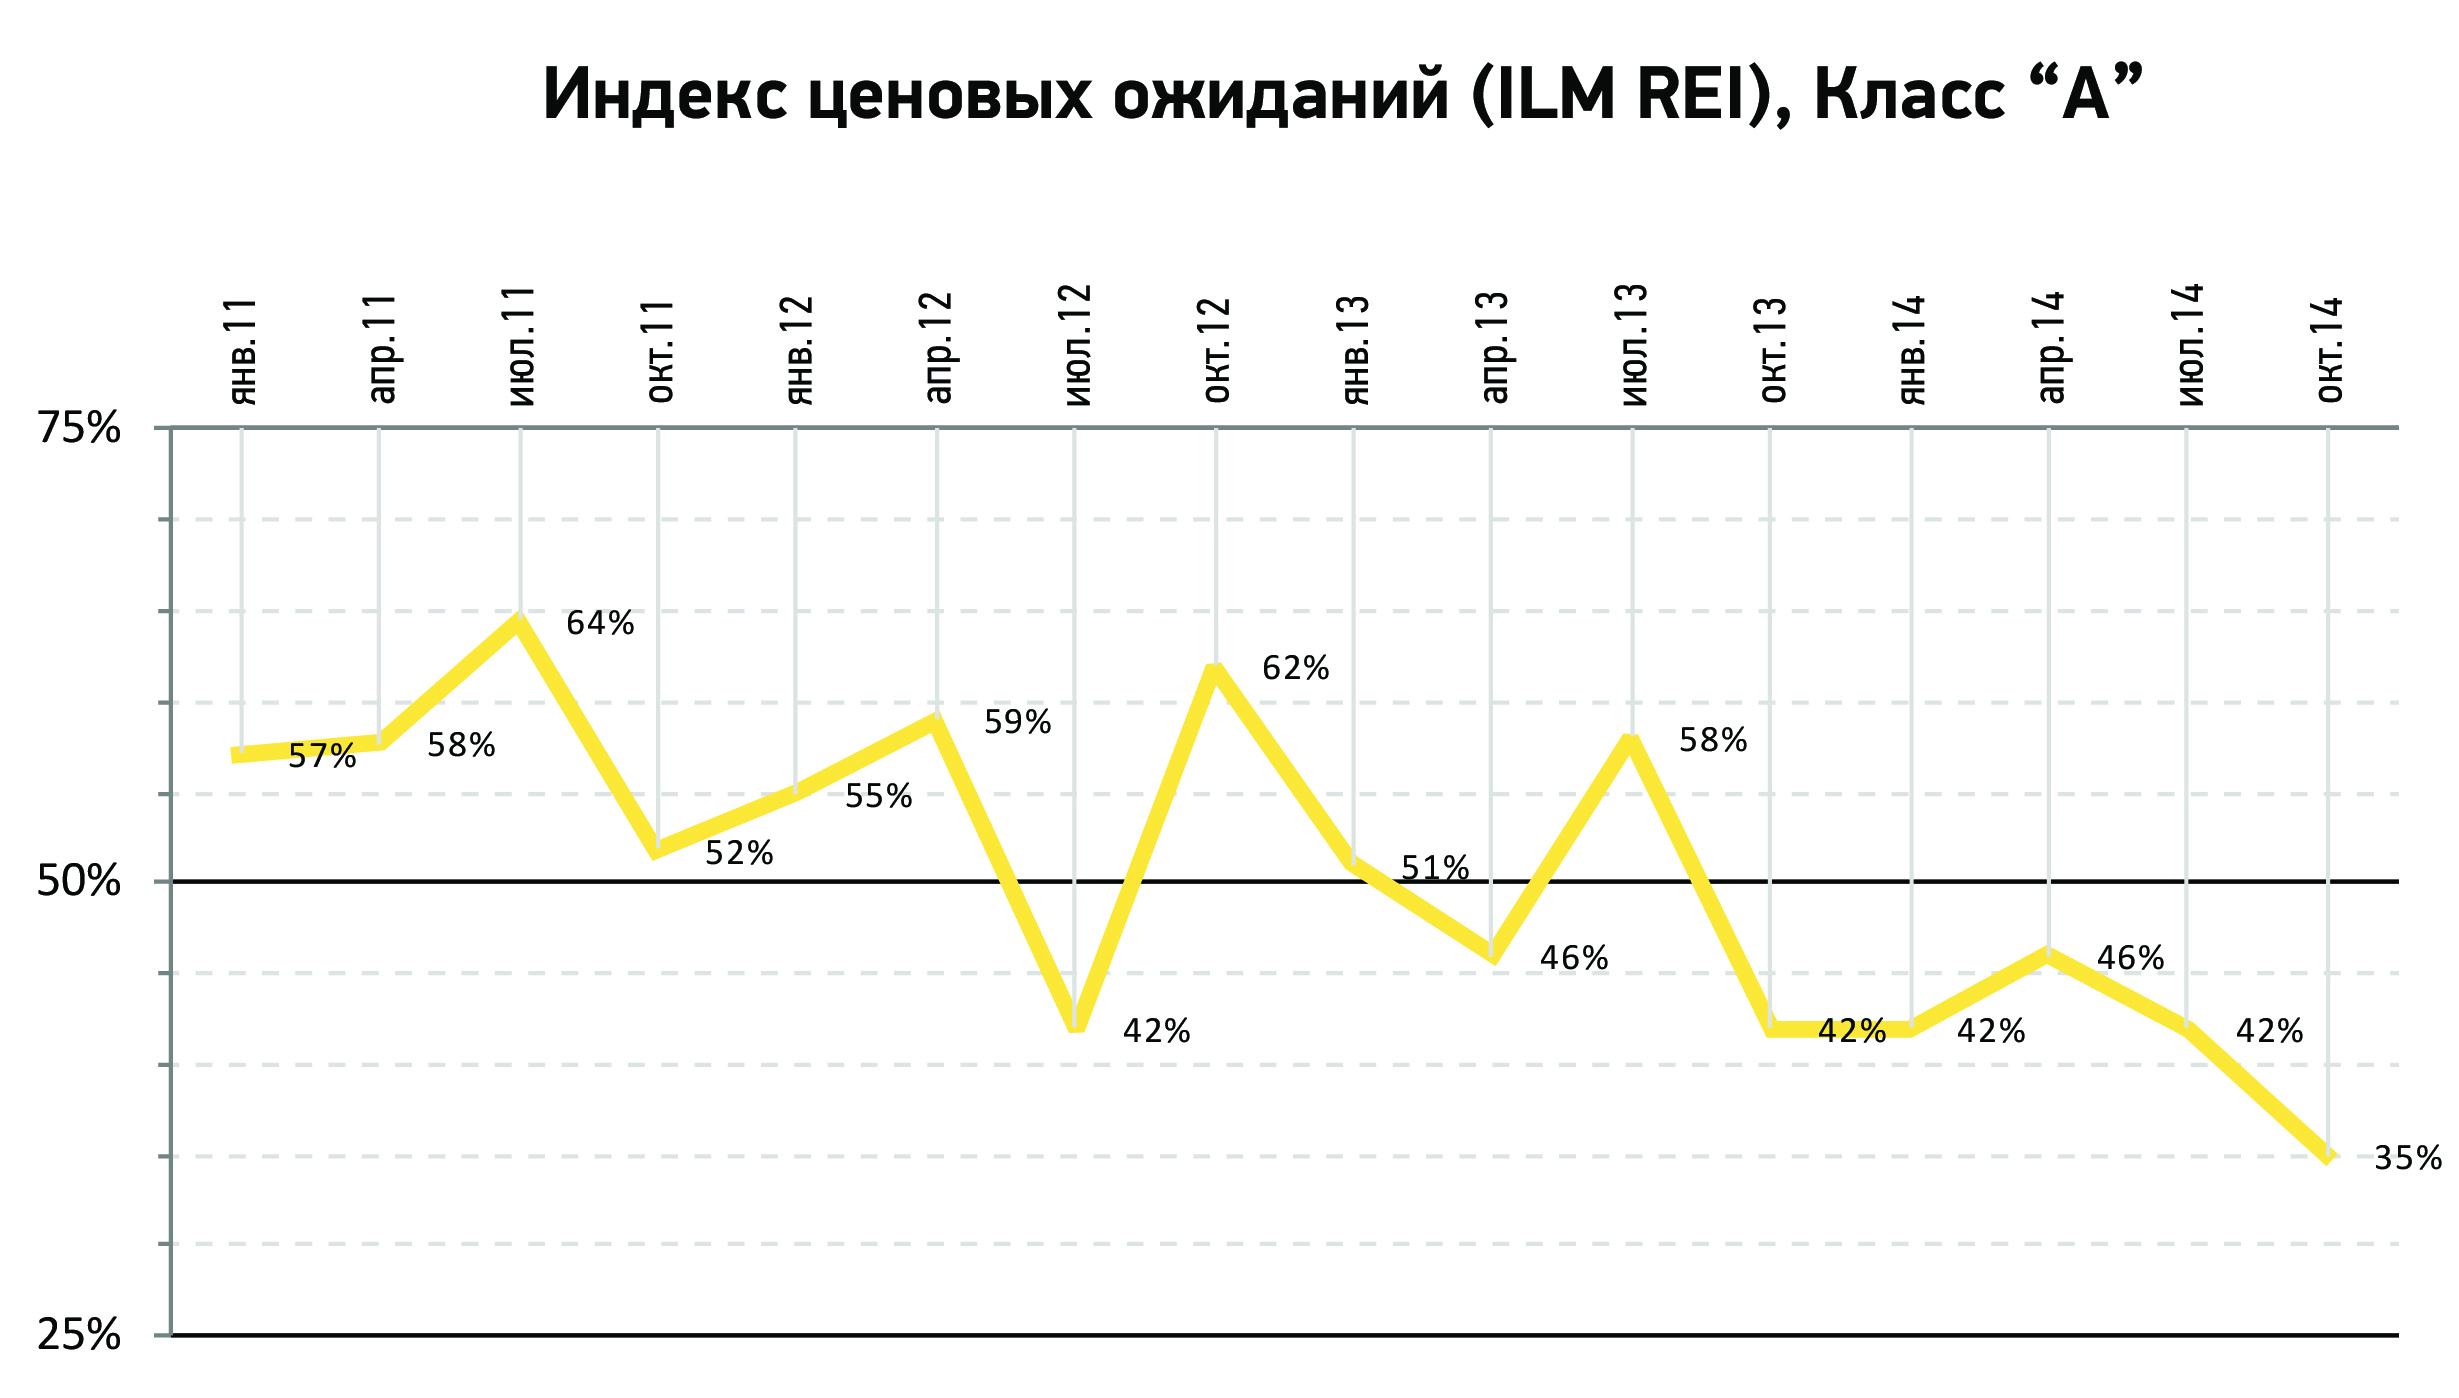 Уровень вакантных площадей в бизнес-центрах класса « А» столицы России превысил показатели кризисных значений 2008 - 2009 гг.